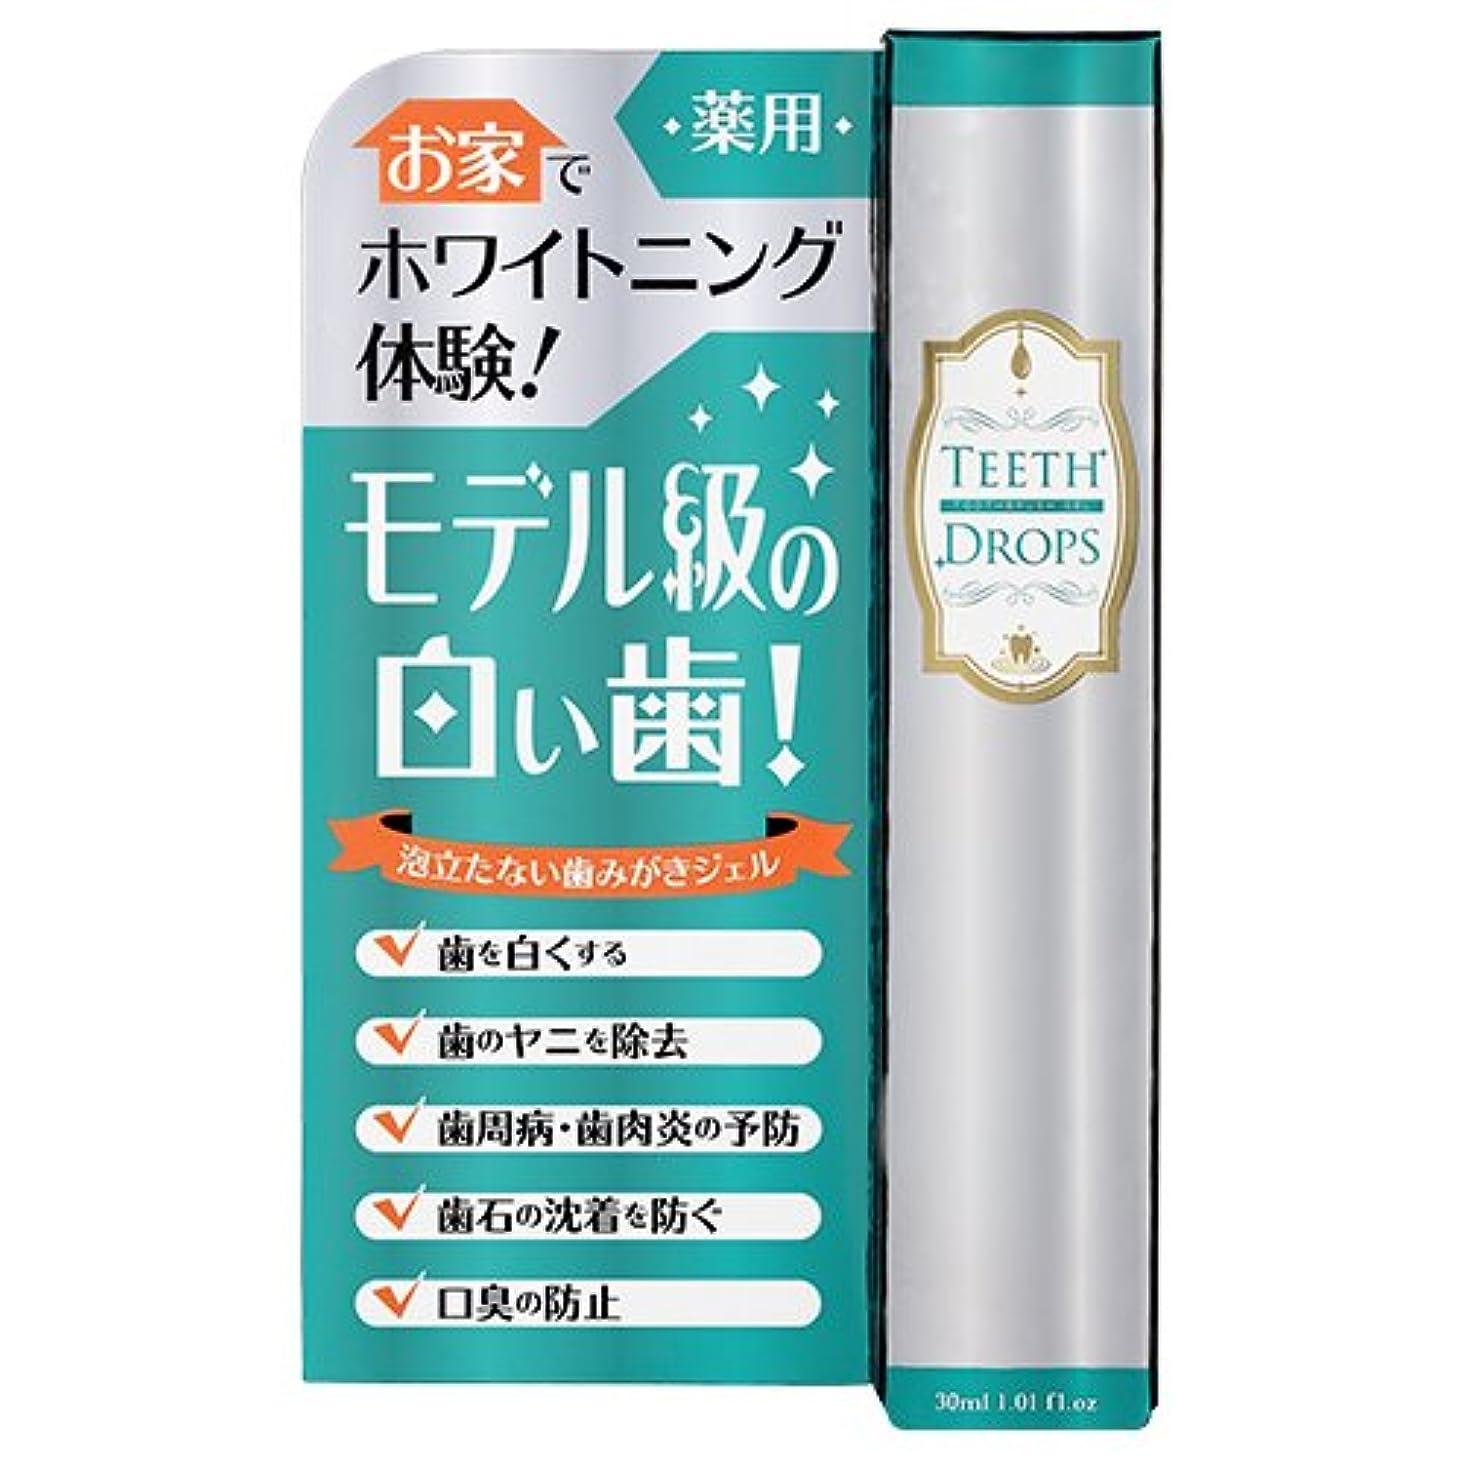 豆乱闘コーチティースドロップ(薬用歯磨き)